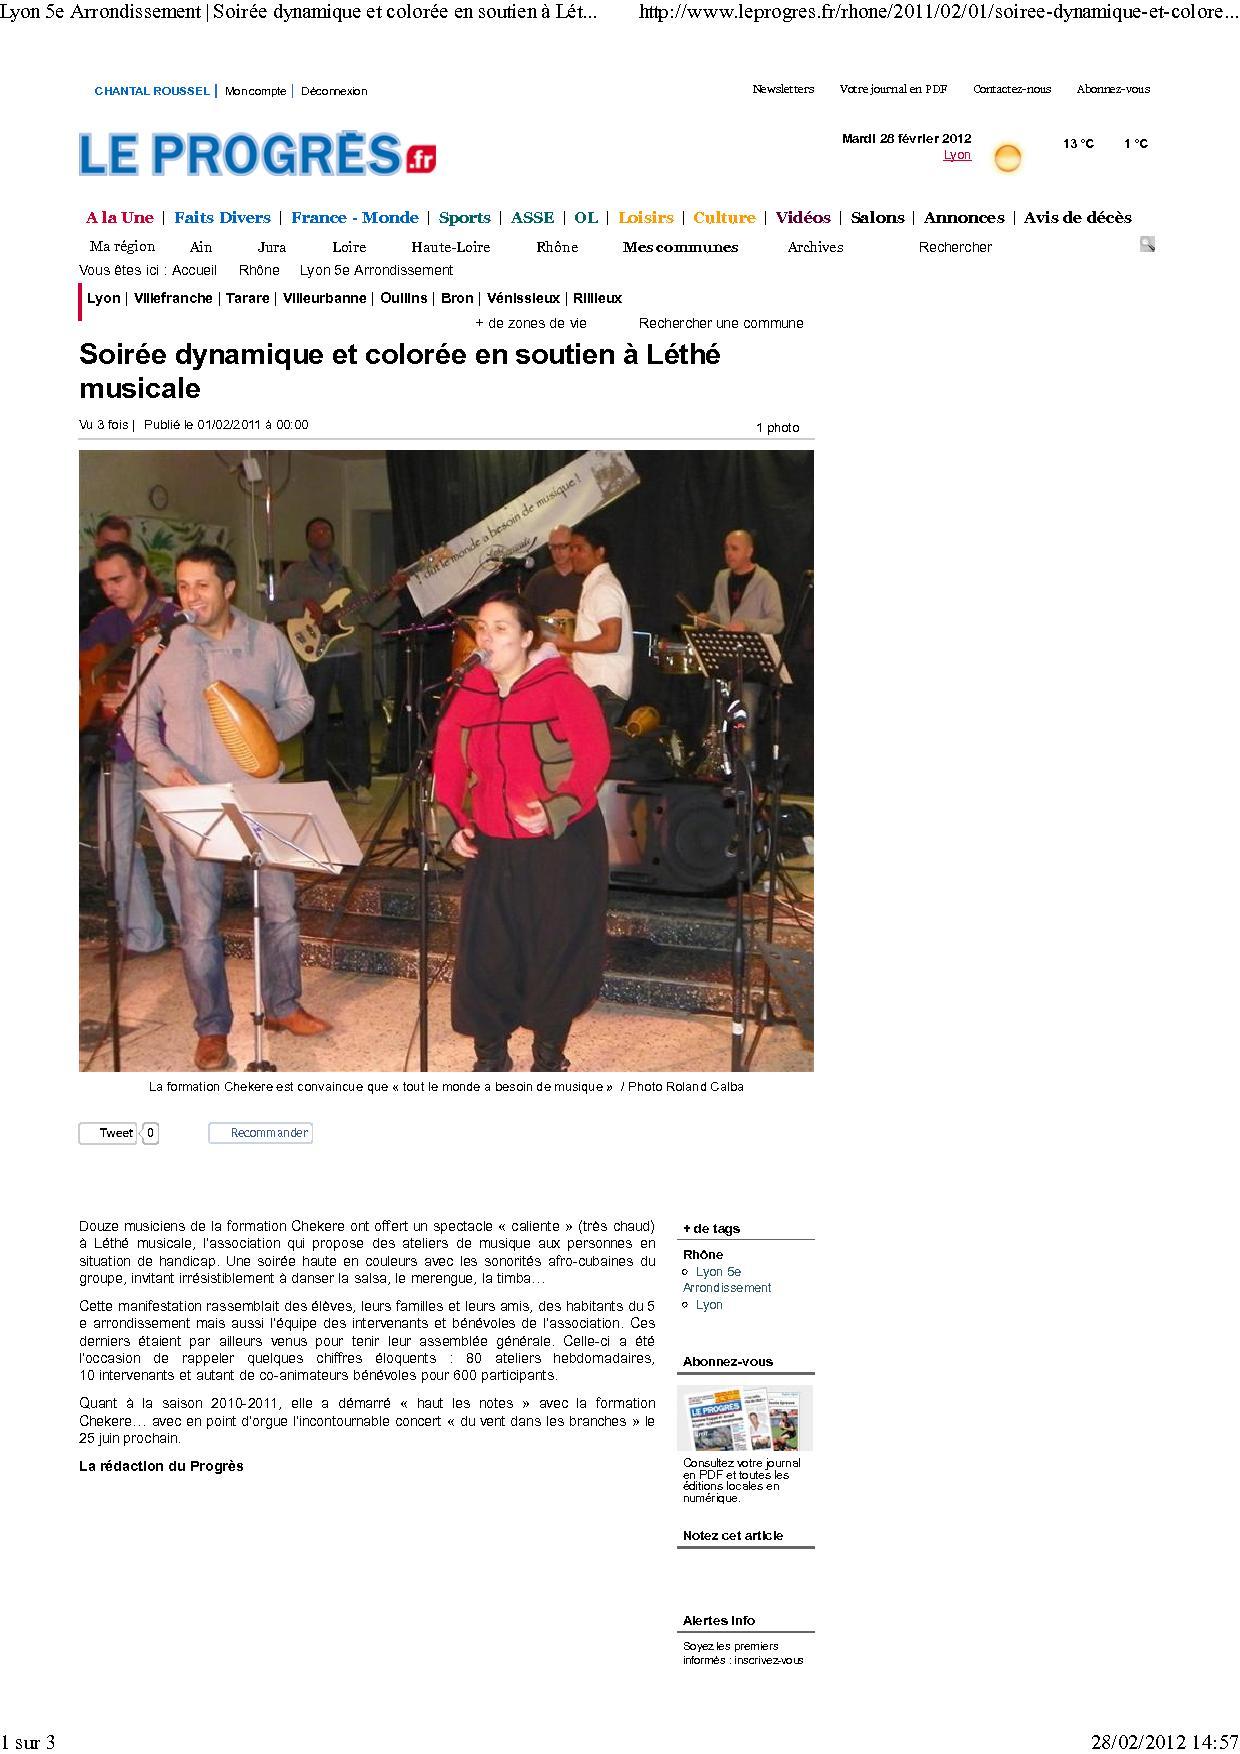 2011_01_26_Progres_Soiree_dynamique_et_coloree_en_soutien_a_Lethe_musicale.jpg